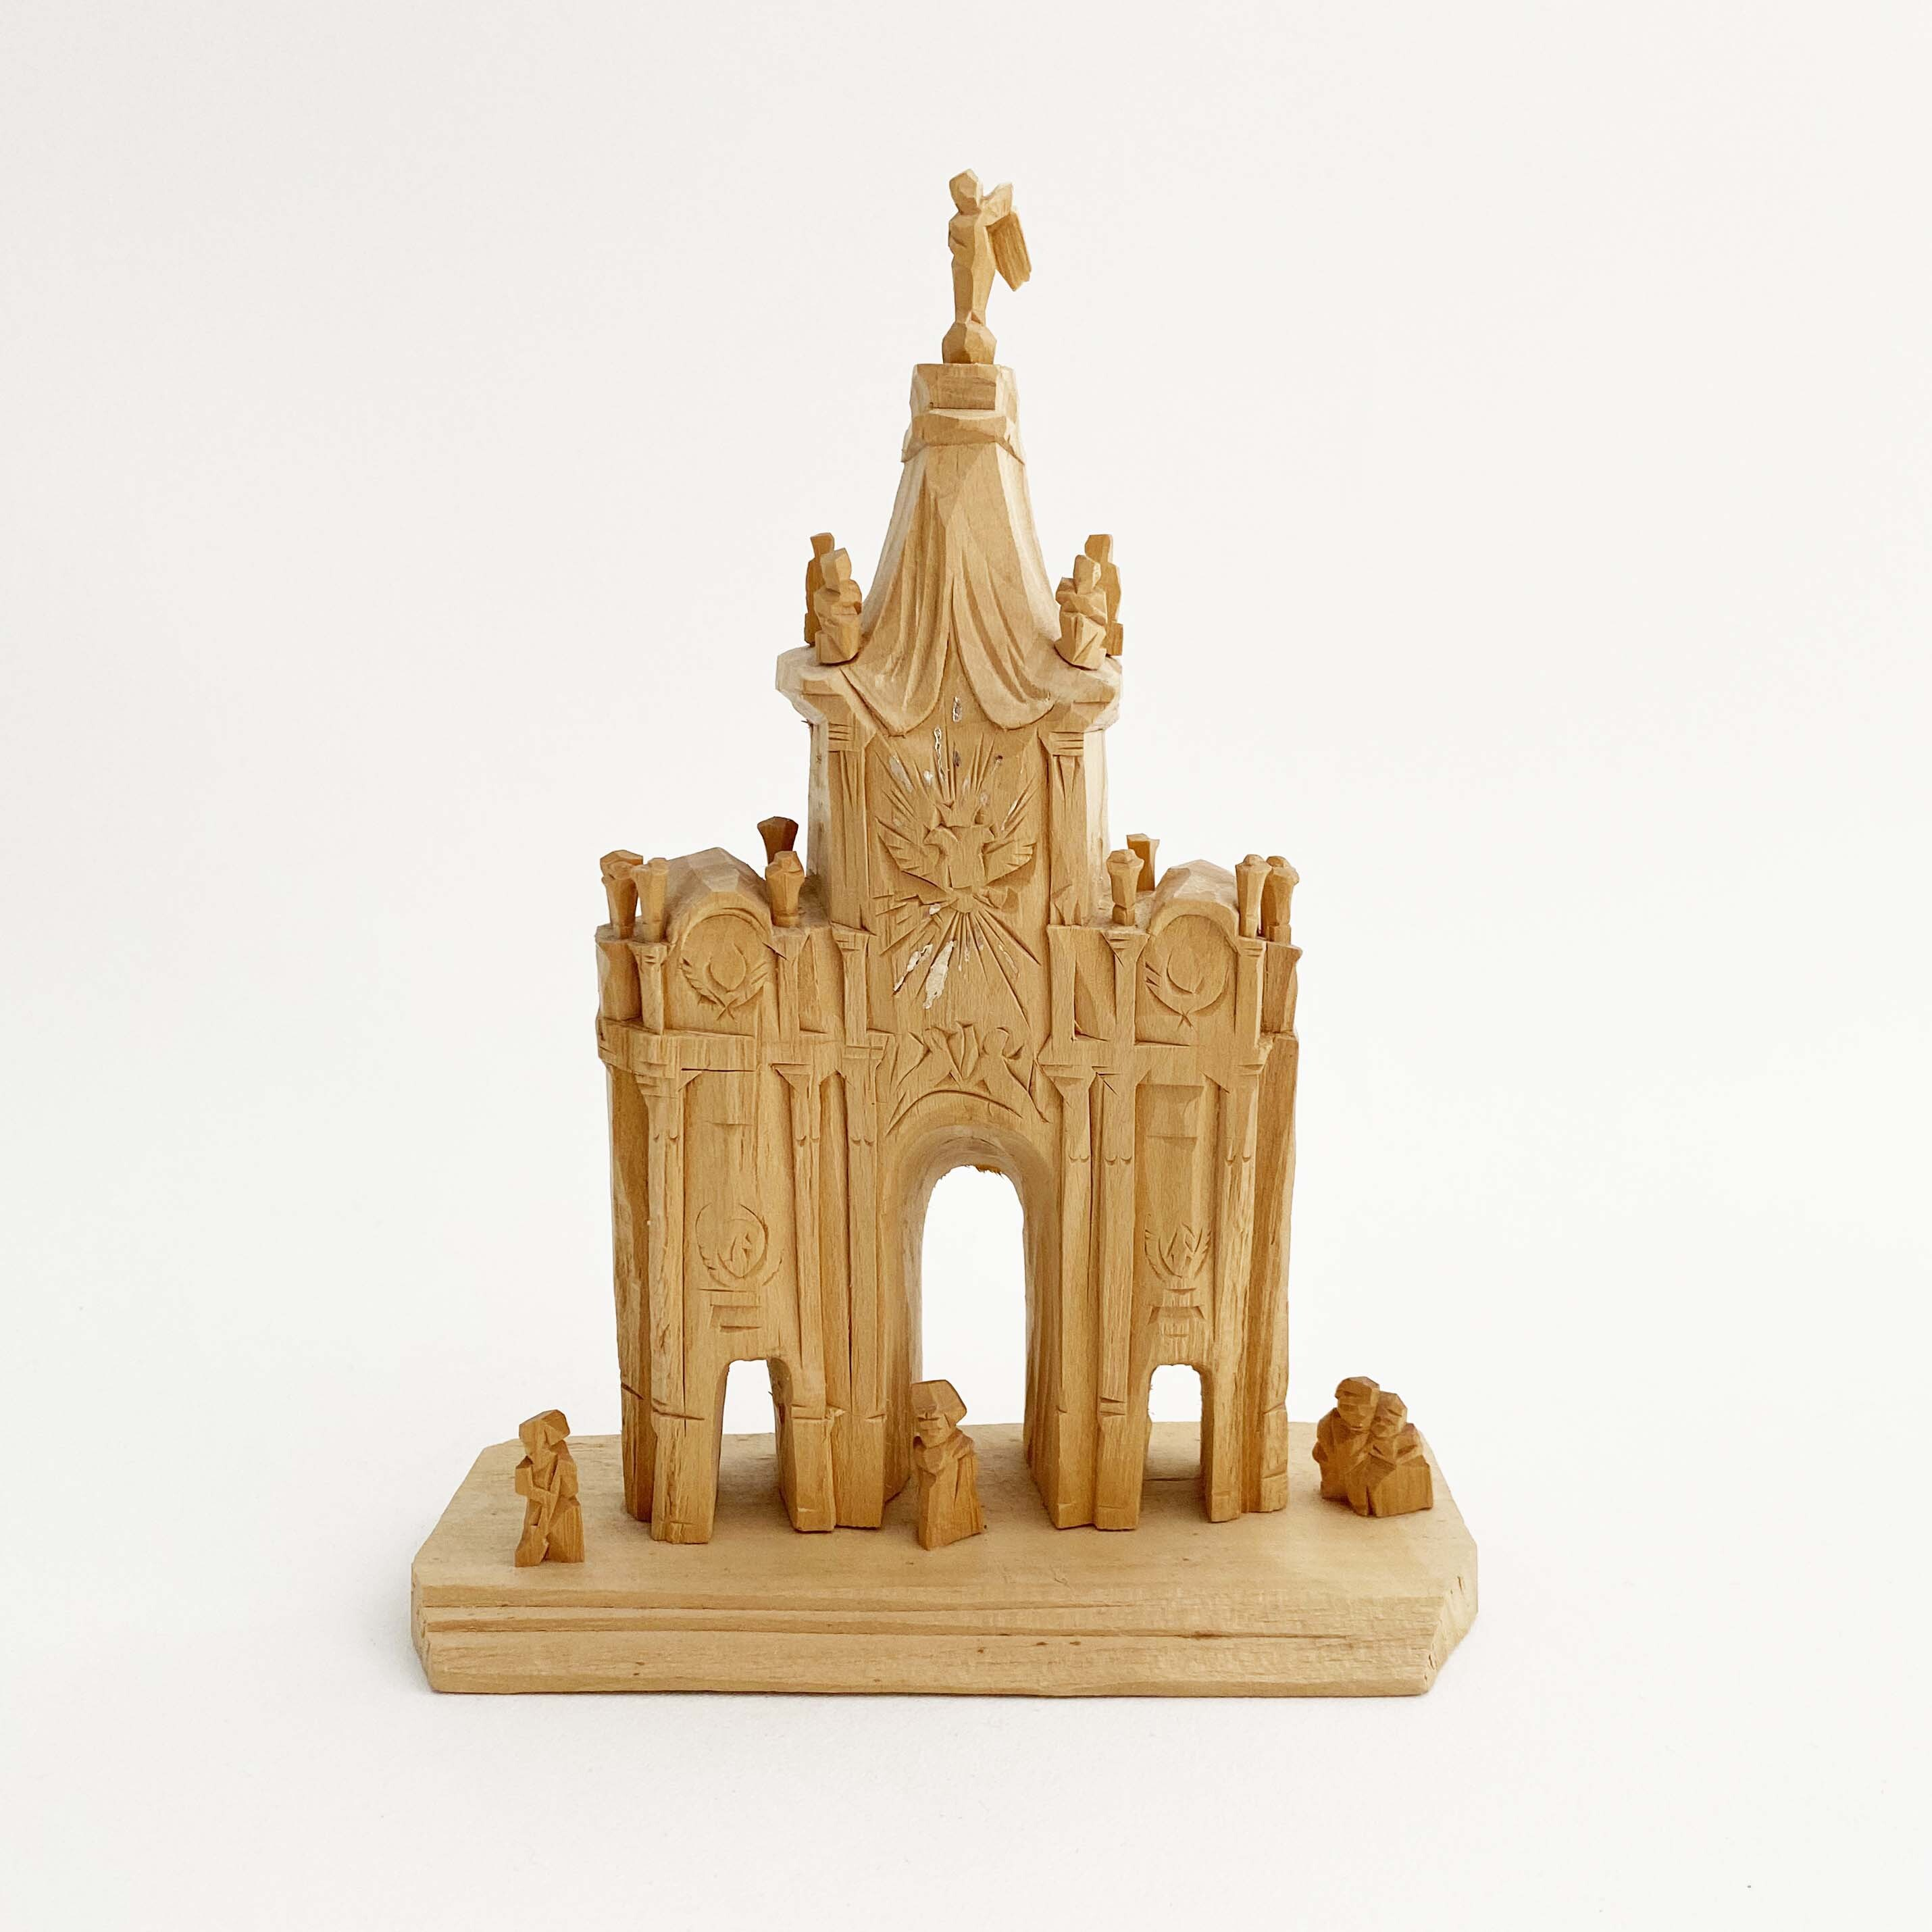 木彫のロシア正教会(アレクサンドル・バルガノフ作)